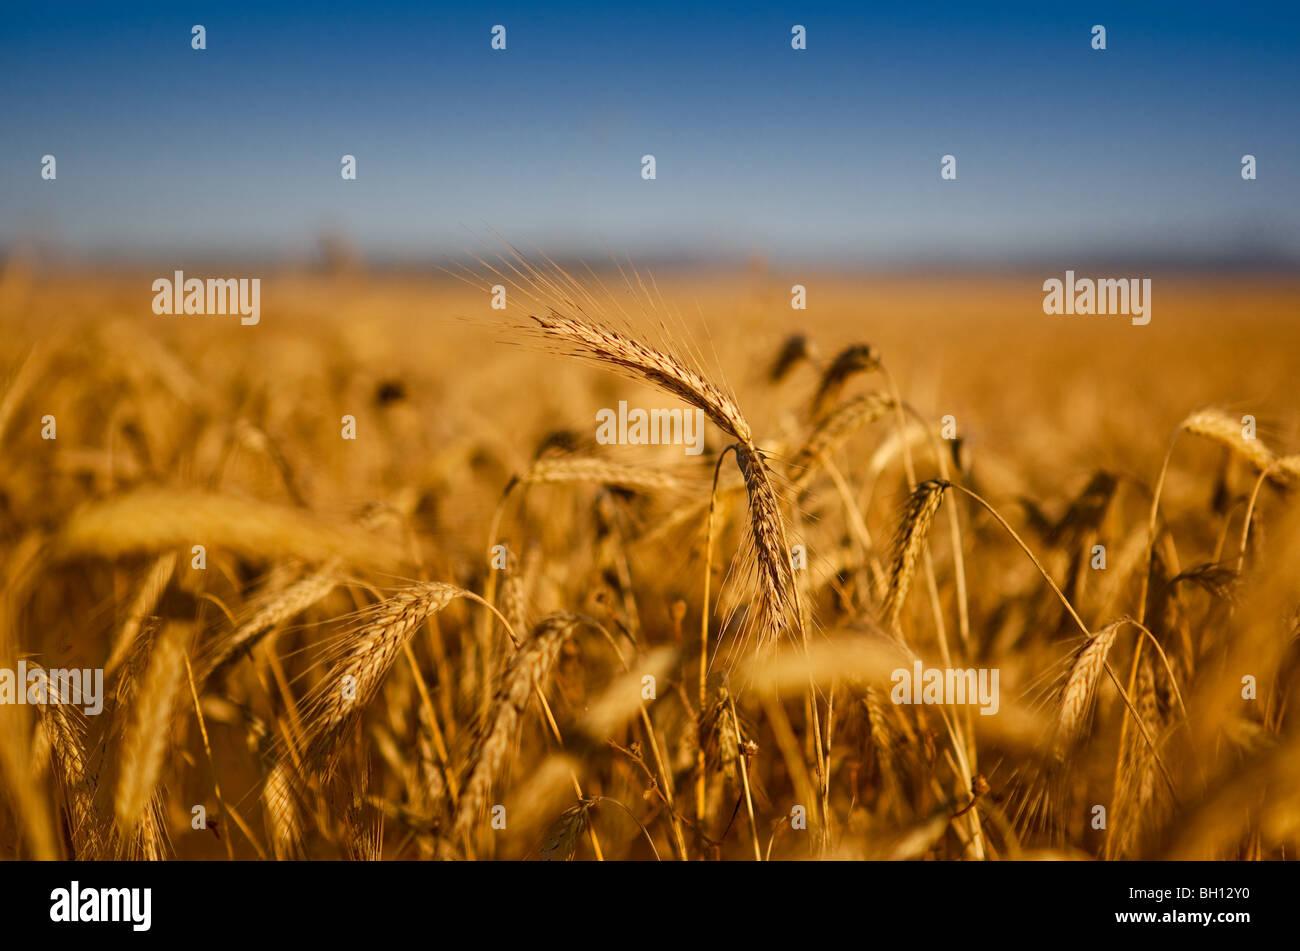 Hermoso paisaje imagen de un campo de trigo Imagen De Stock